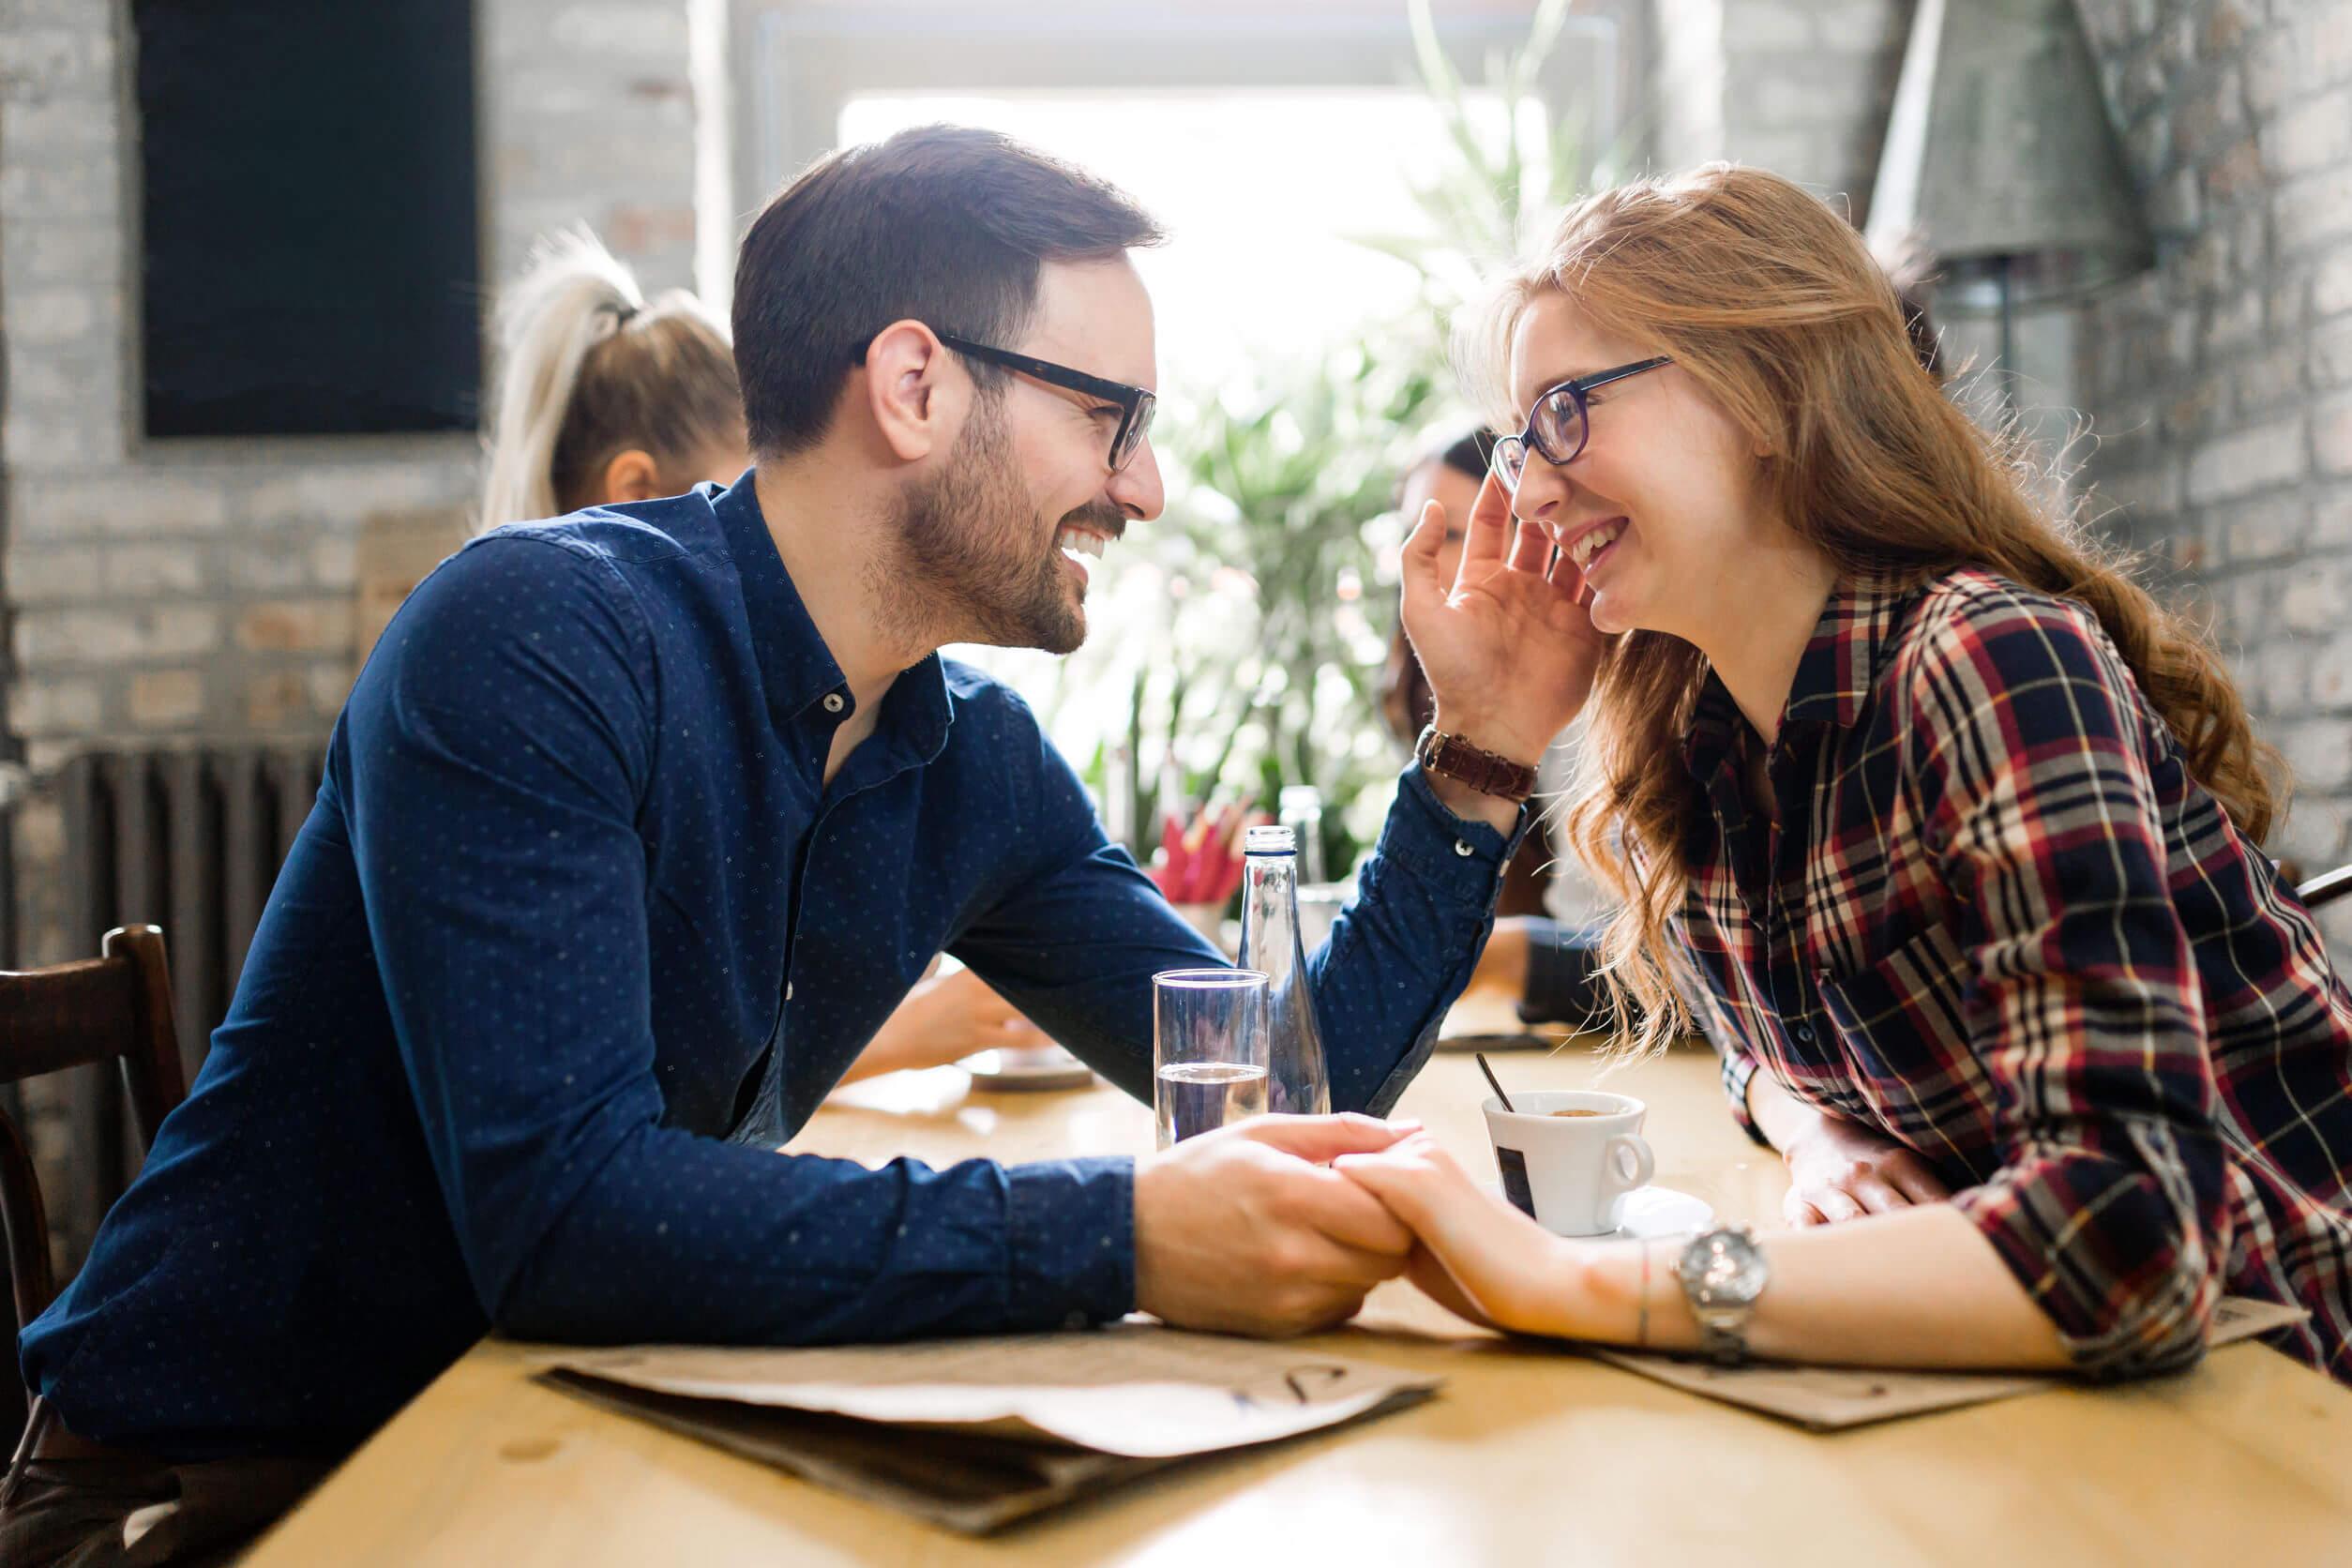 Una relación de pareja requiere madurez emocional.